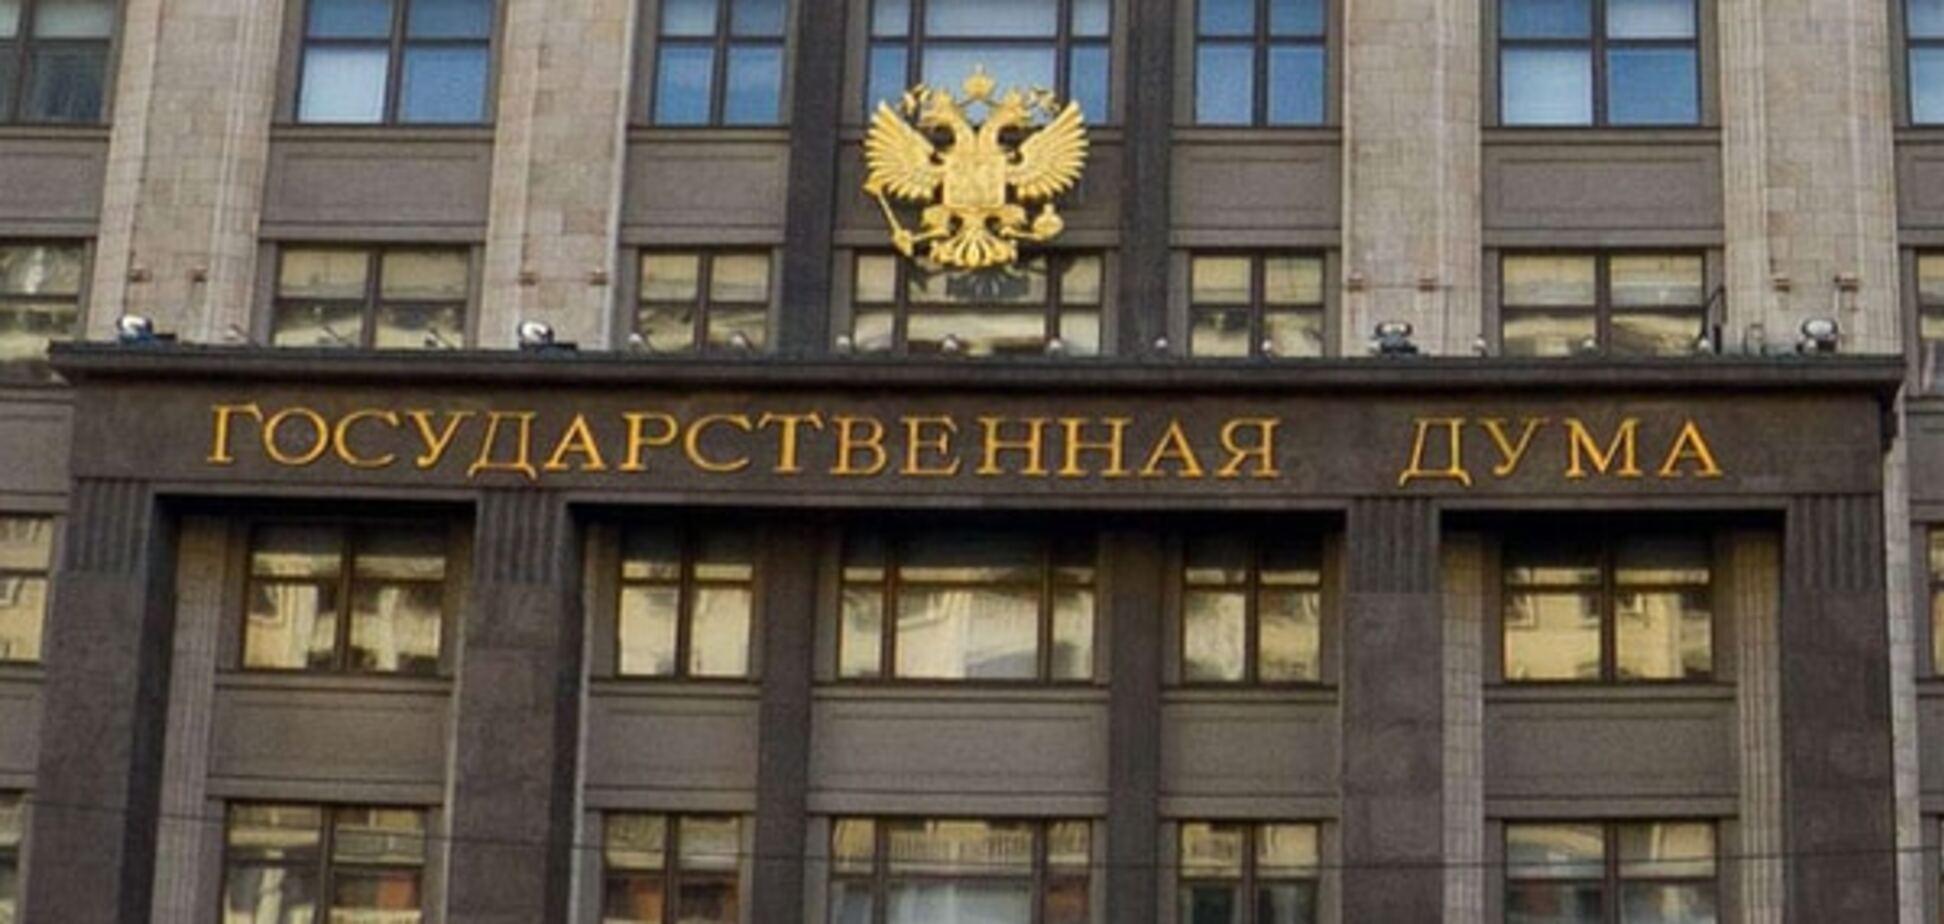 Після рішення Держдуми по судах Росія опинилася за 'залізною завісою'